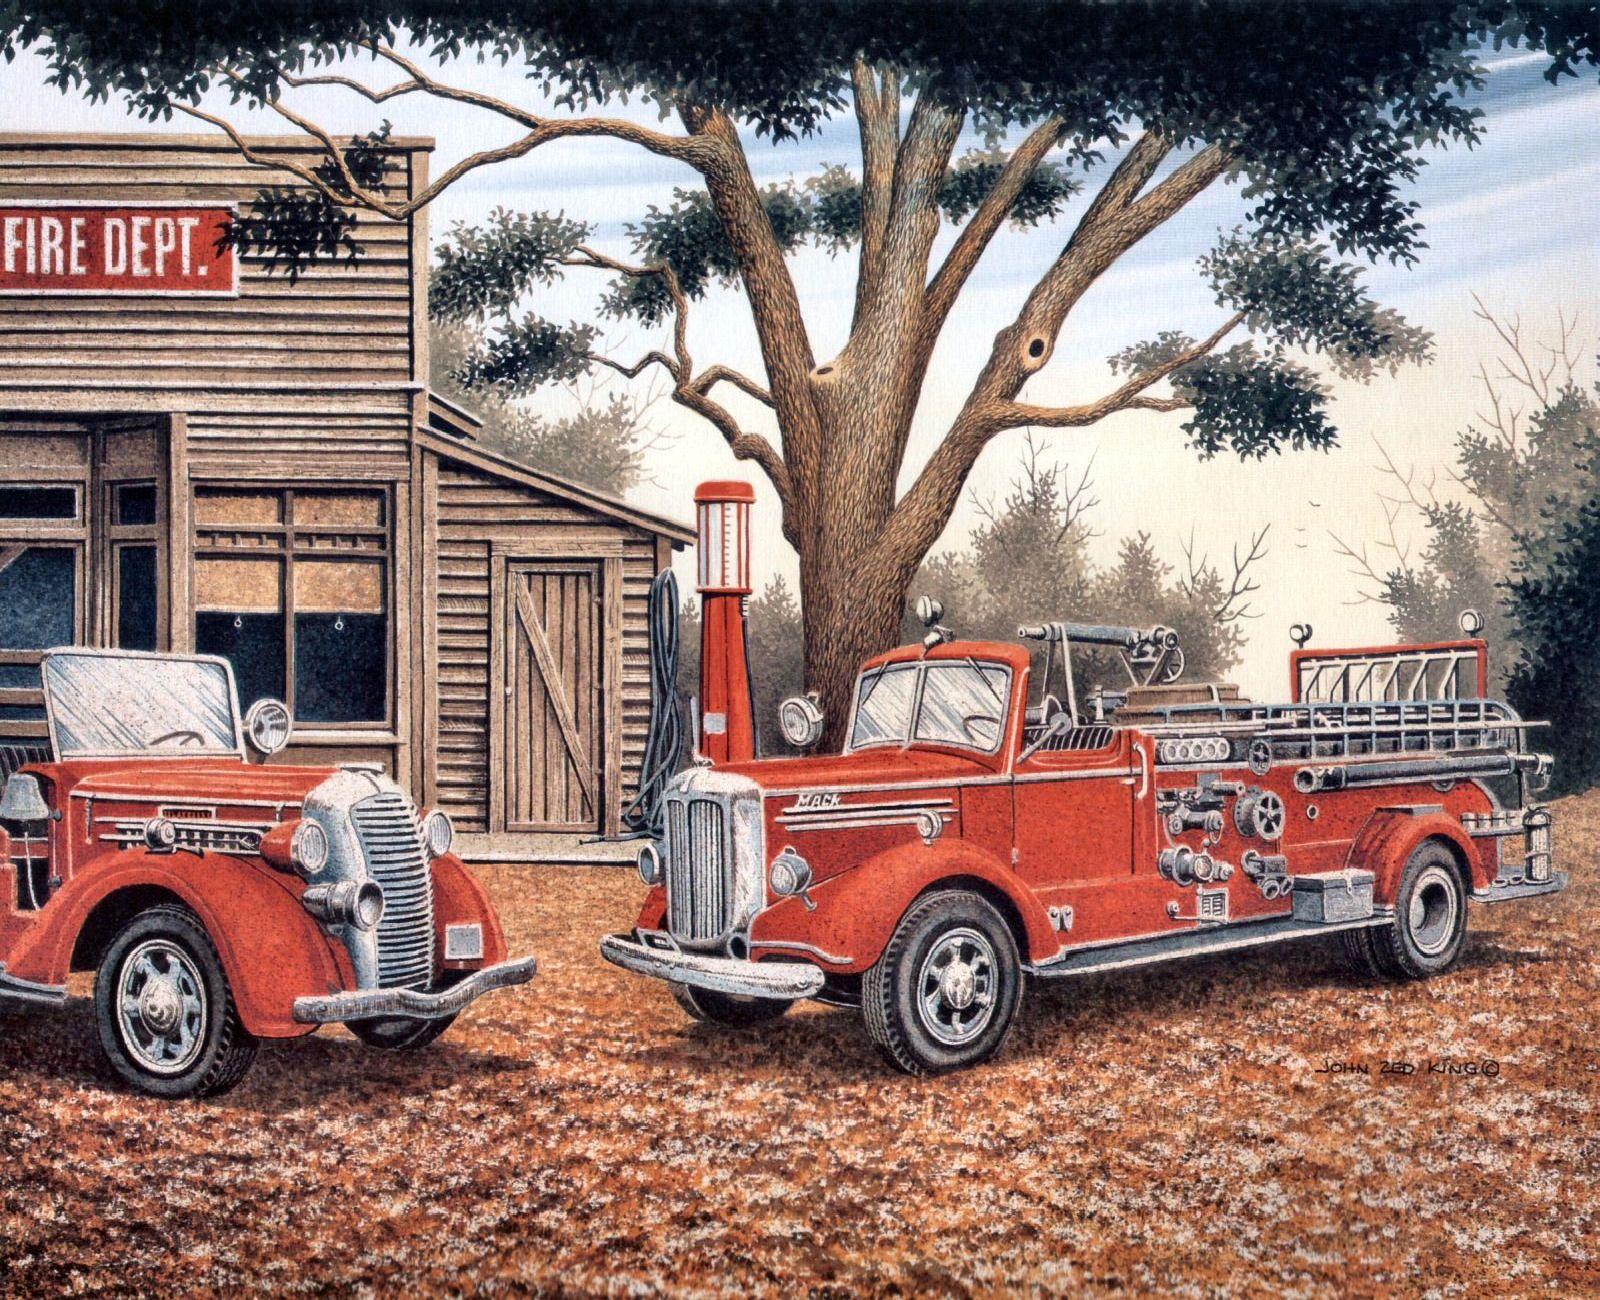 Fire Department by John Zed King